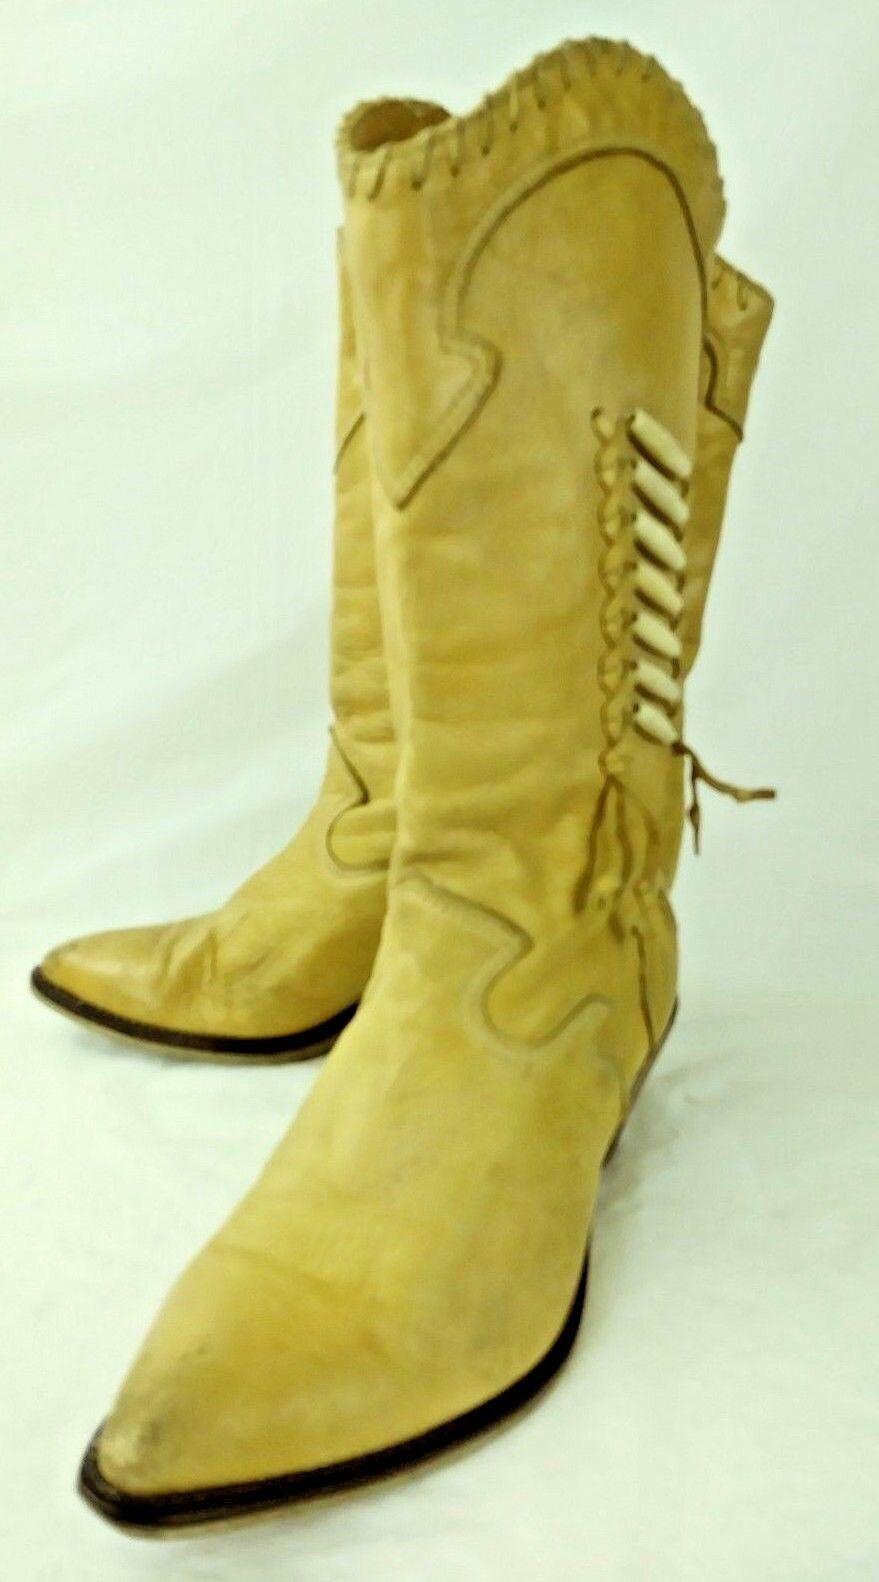 Zodiac Mujer 830059 botas De Alto Western 830059 Mujer US 6 M Bronceado Cuero tire de con cuentas 307 2d26b7